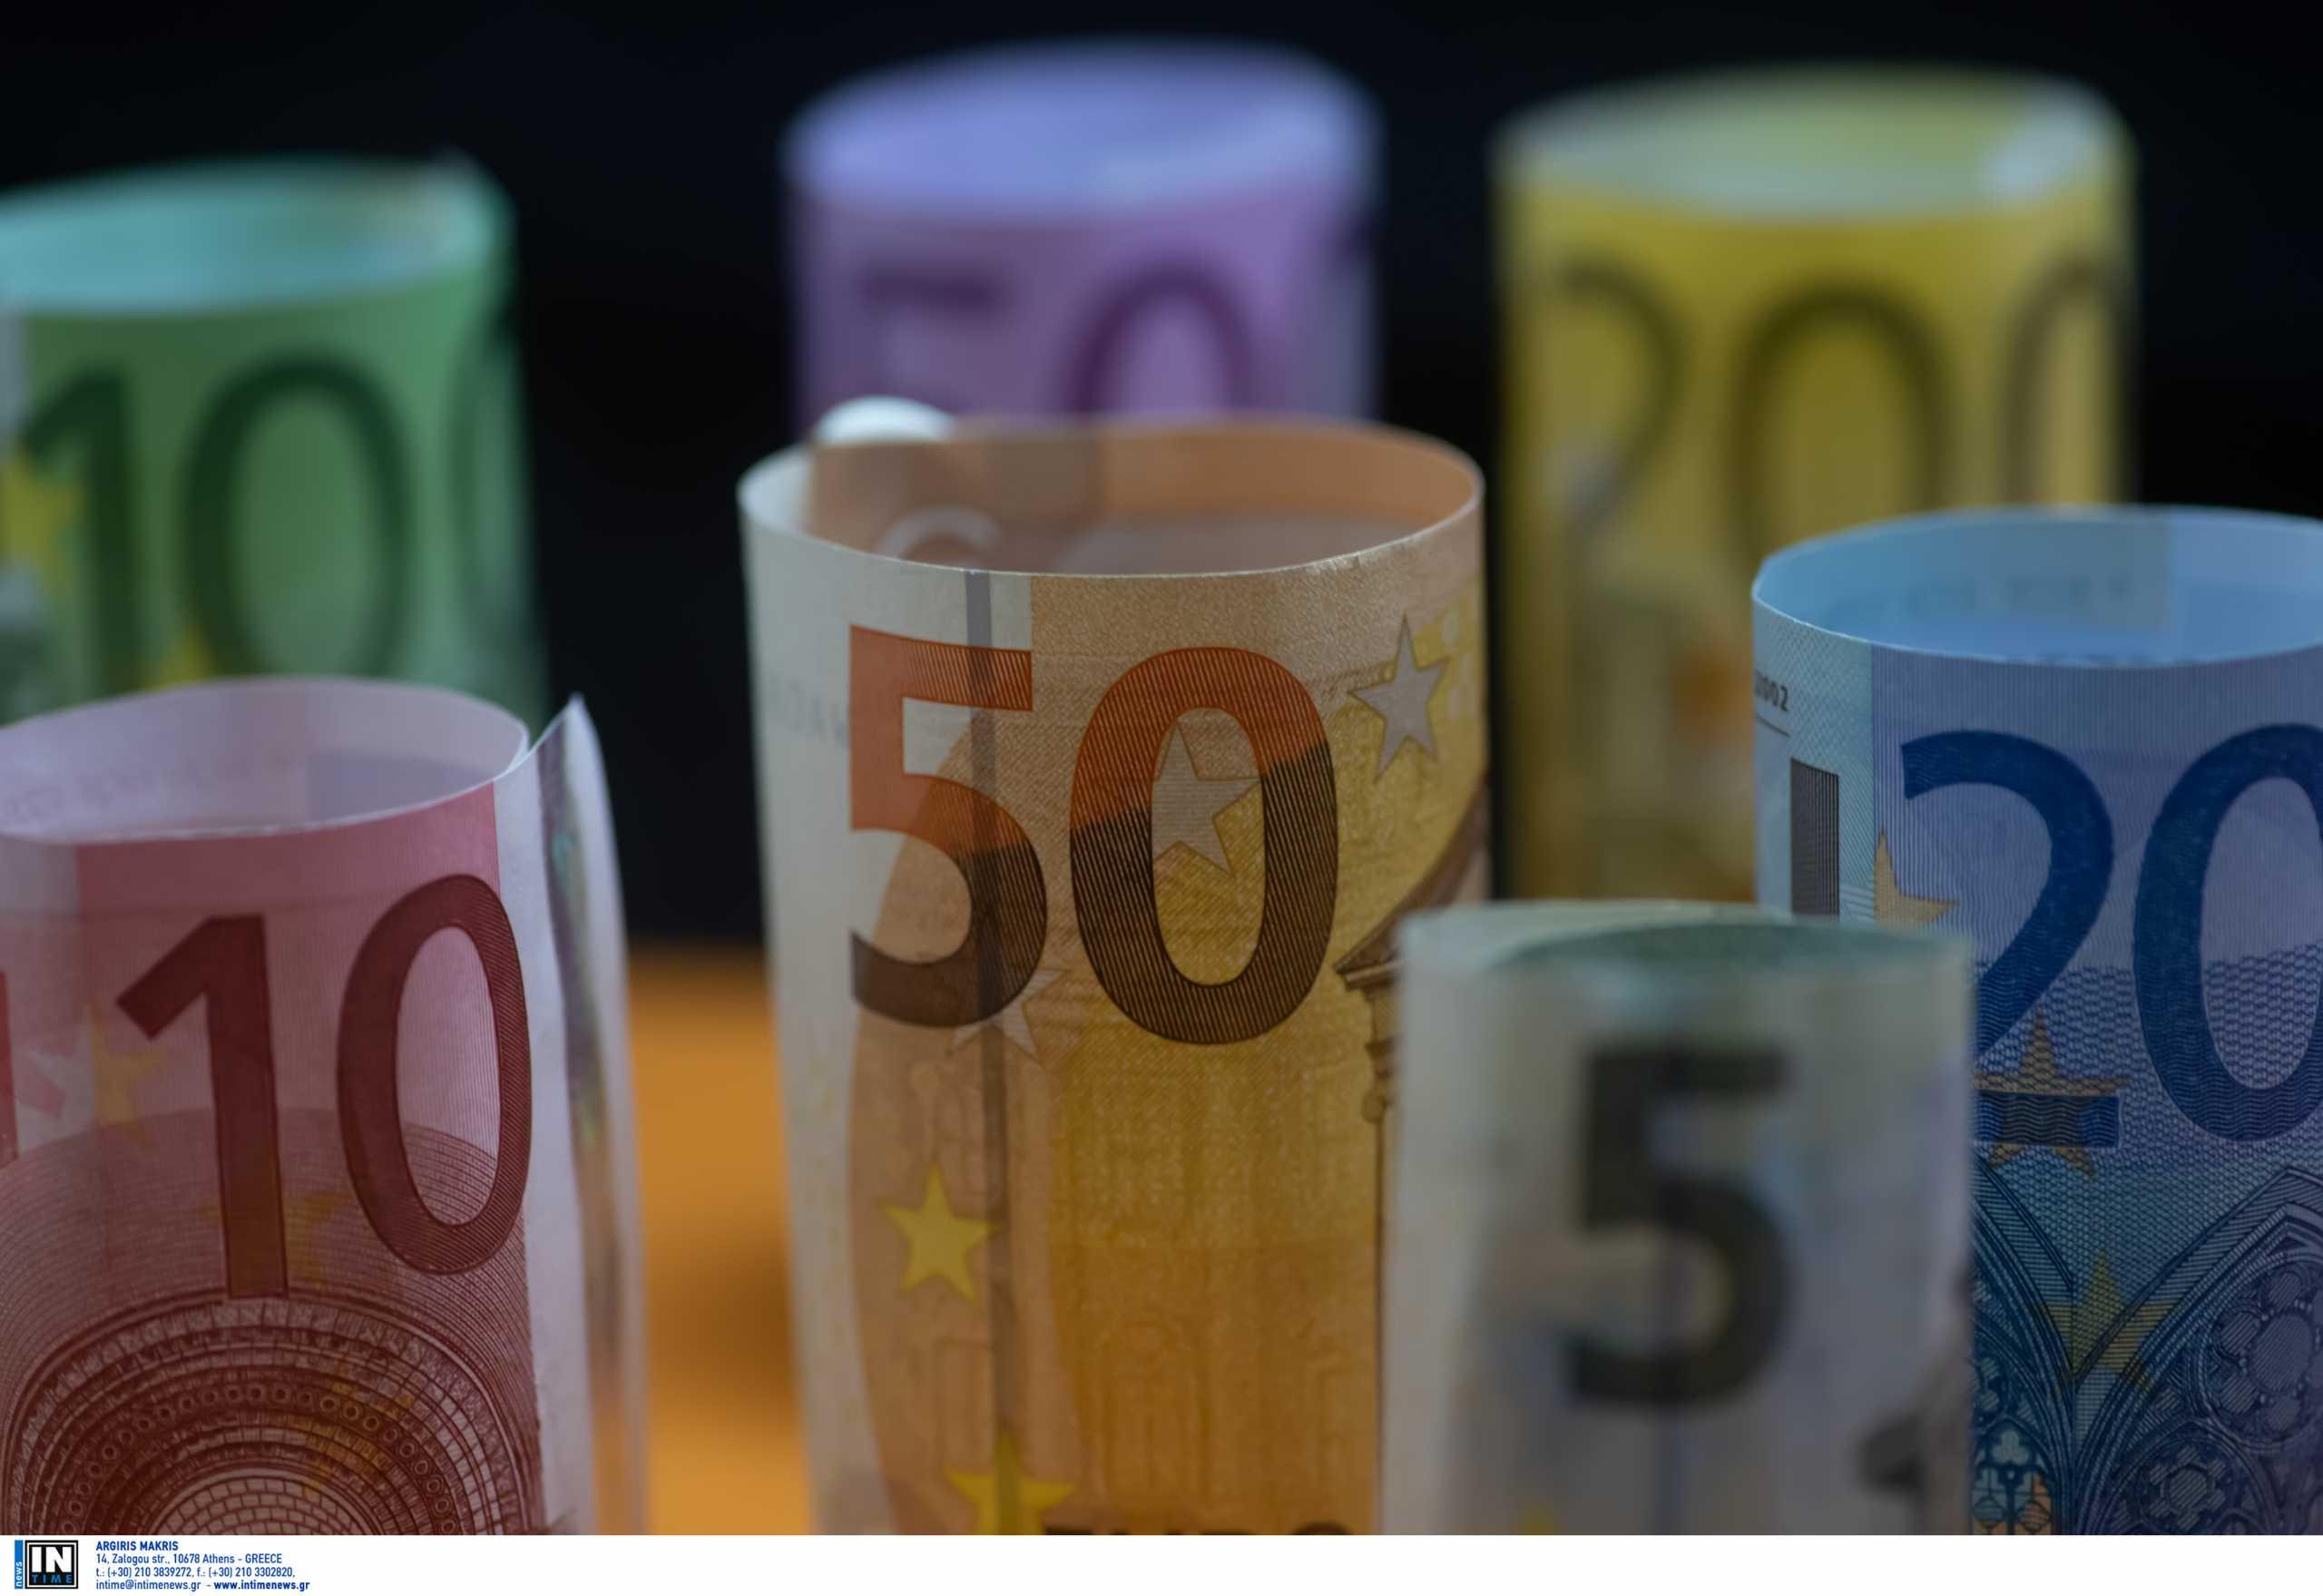 Άρτα: Τον «δάγκωσε» στο facebook – Πως έκαναν φτερά 35.000 ευρώ από τον τραπεζικό του λογαριασμό